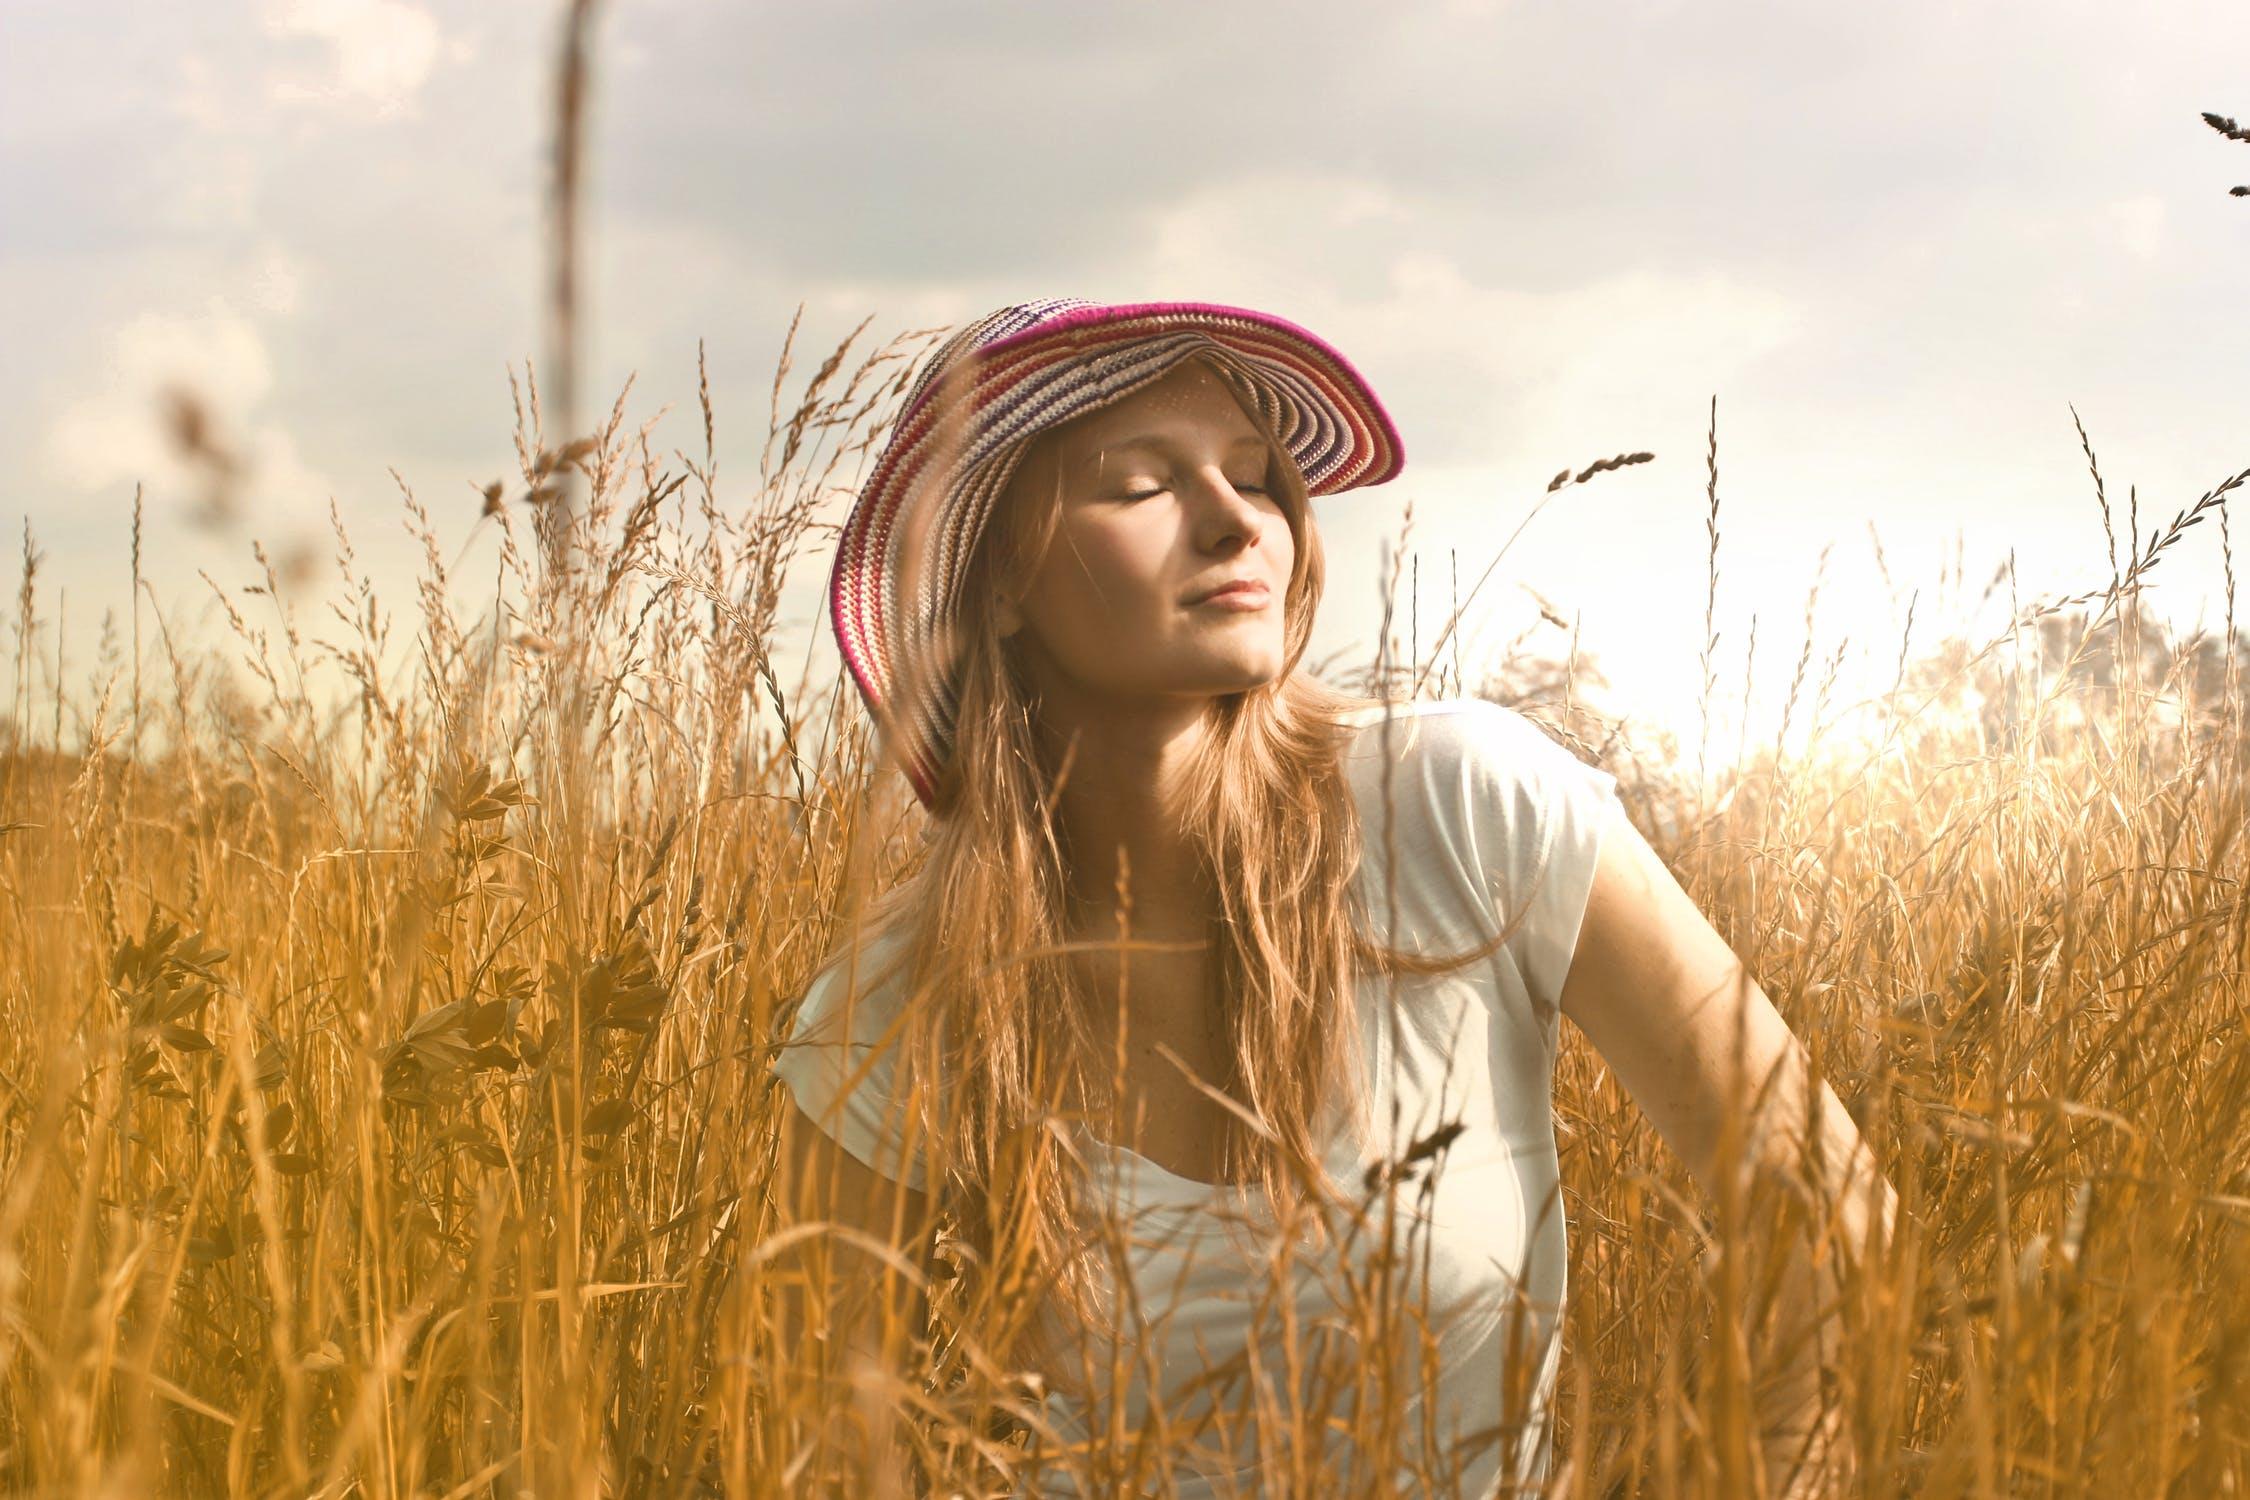 「だるい、疲れがとれない、歳かなぁ」 そんなときは5つの習慣で体スッキリ体質改善